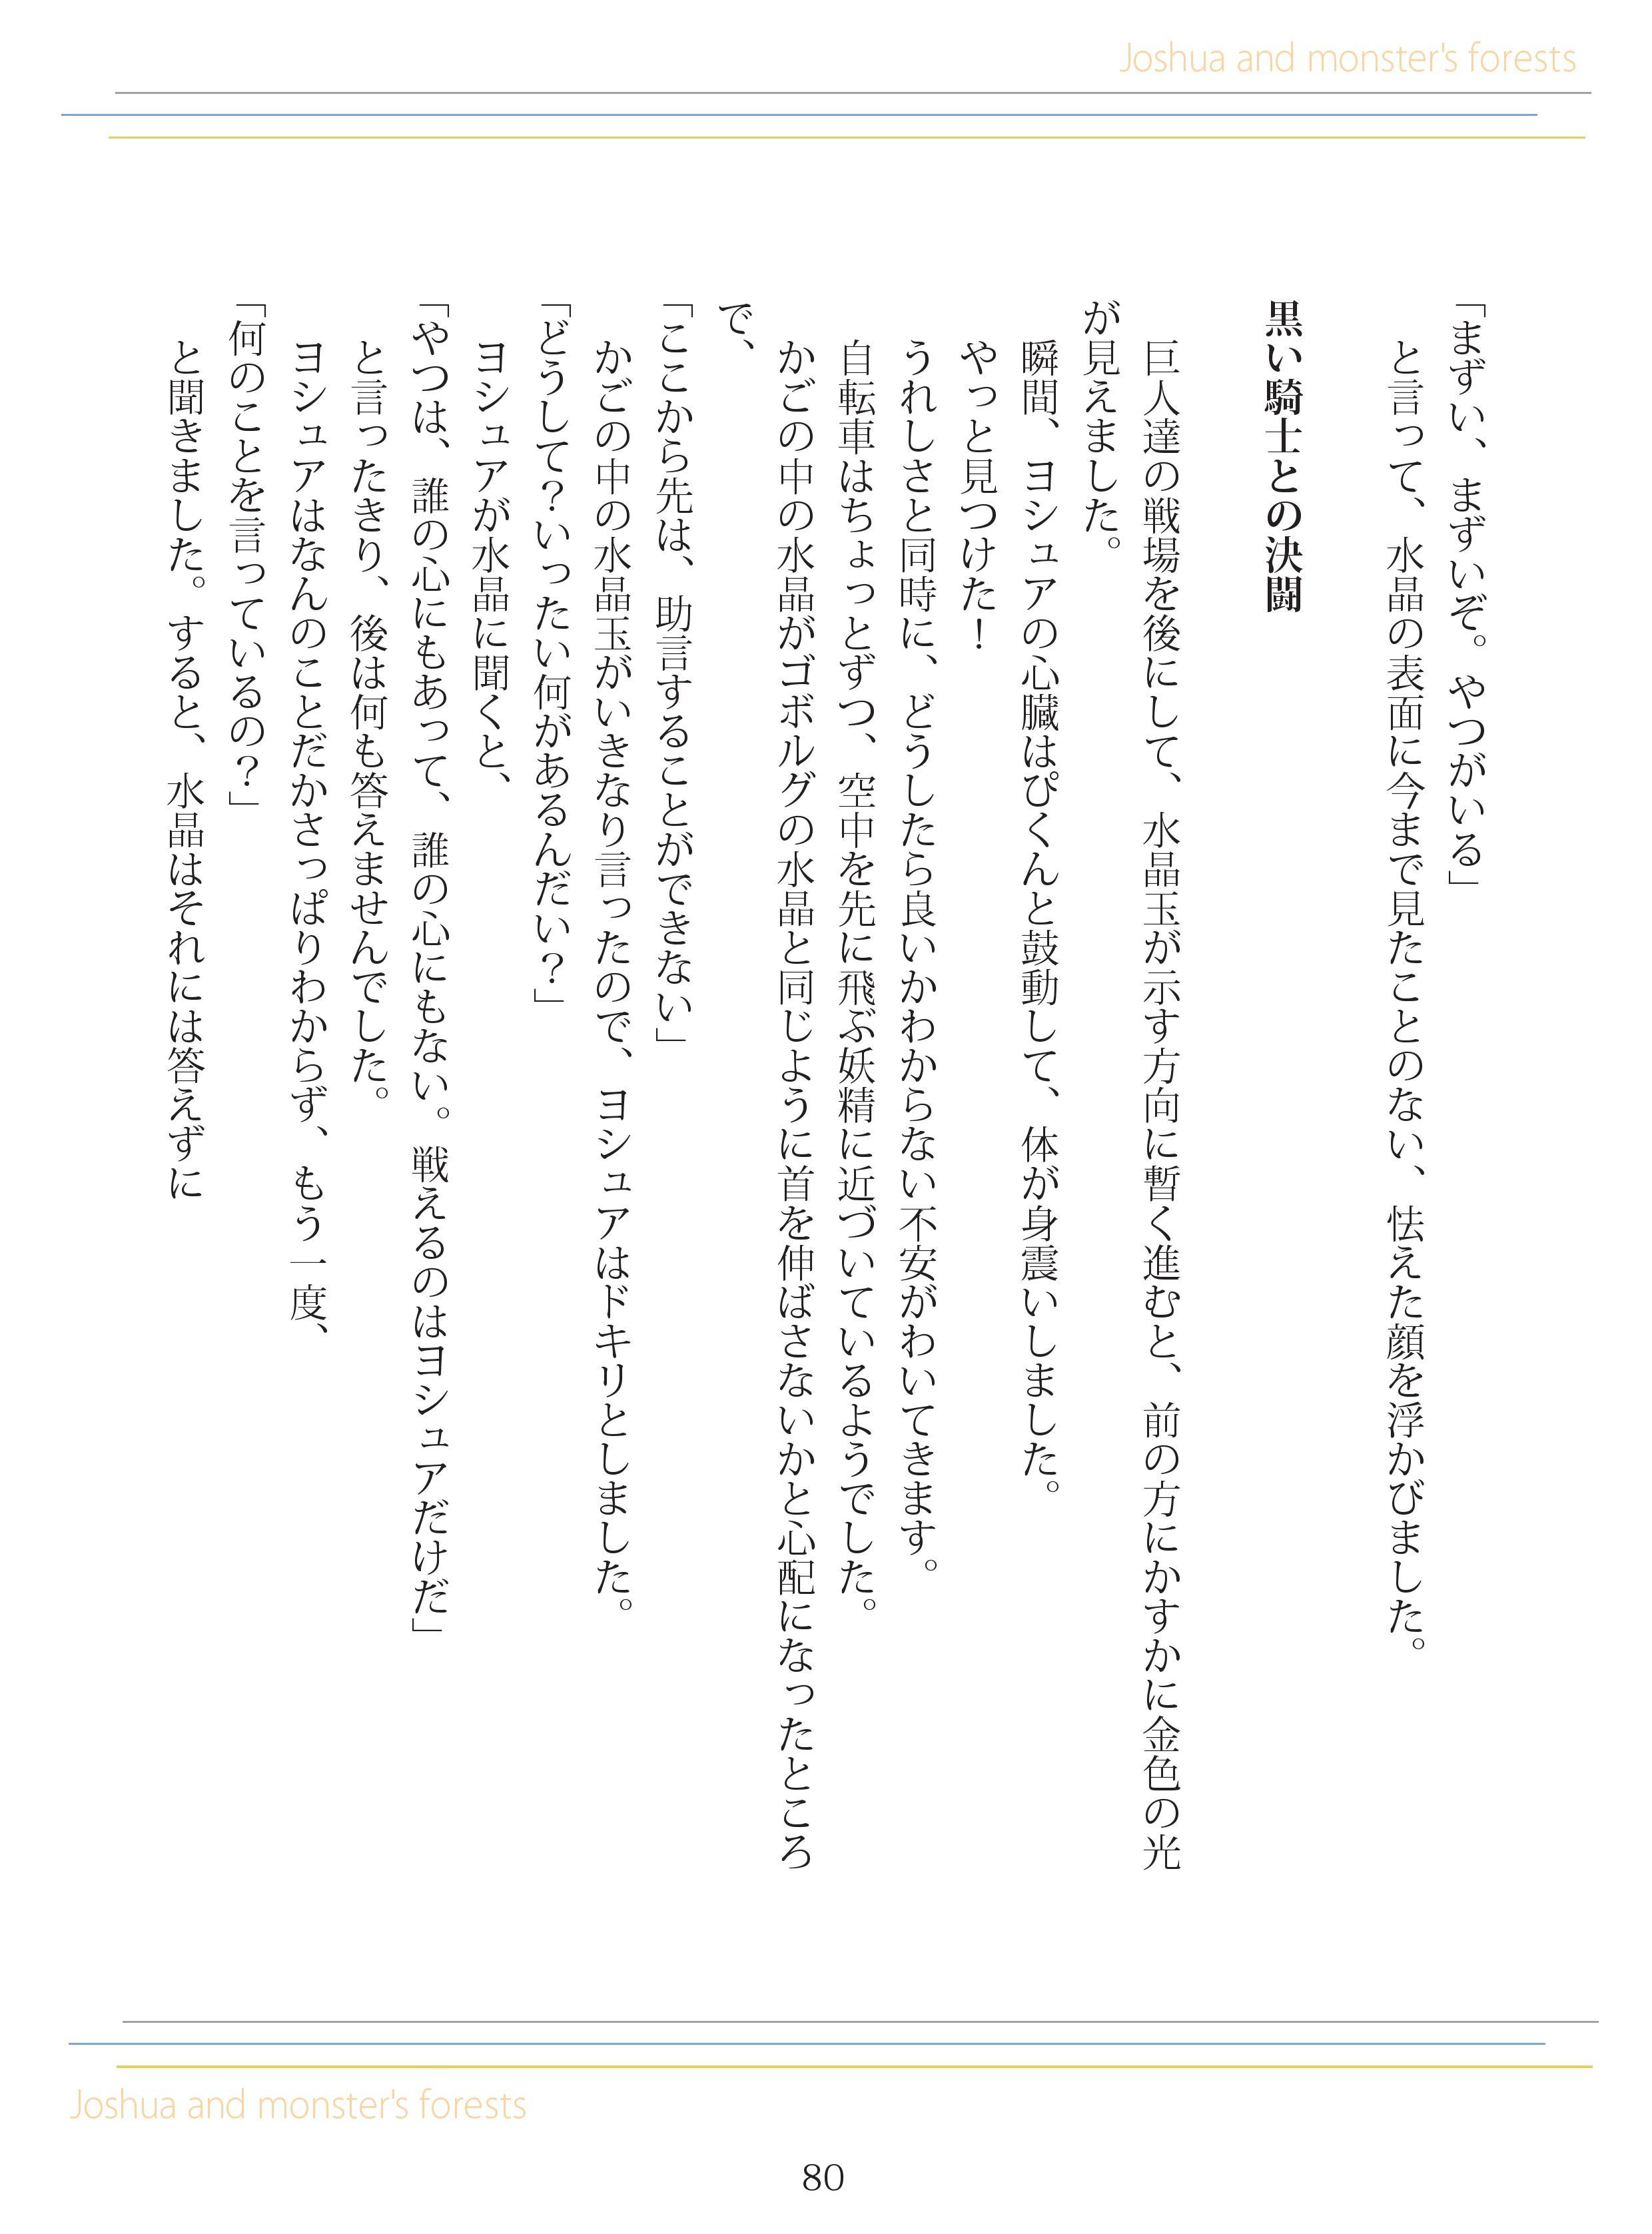 image_081